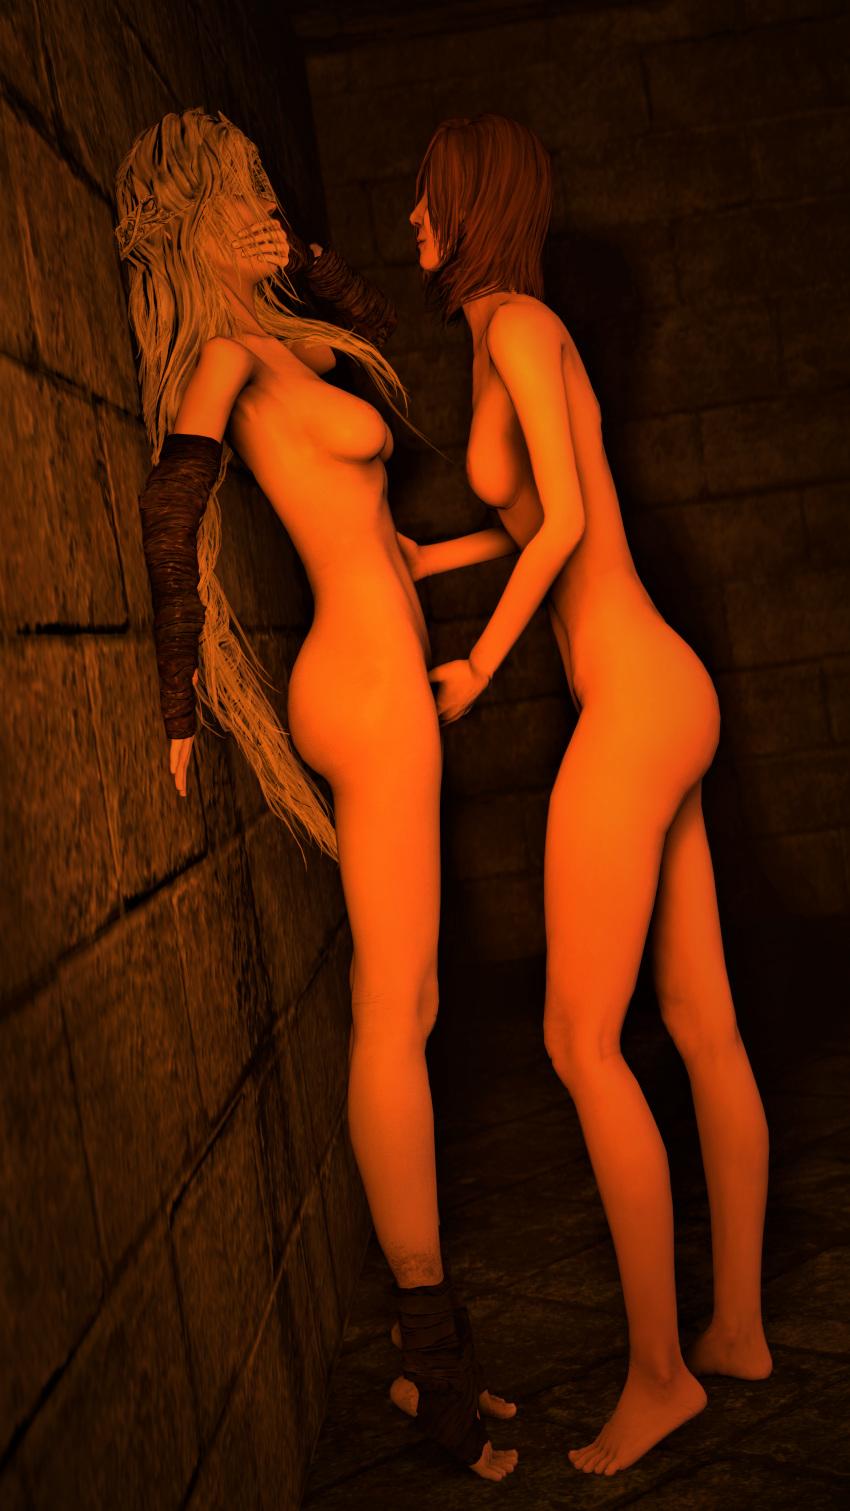 dark desert pyromancer set 2 souls Furyou ni hamerarete jusei suru kyonyuu okaa-san the animation